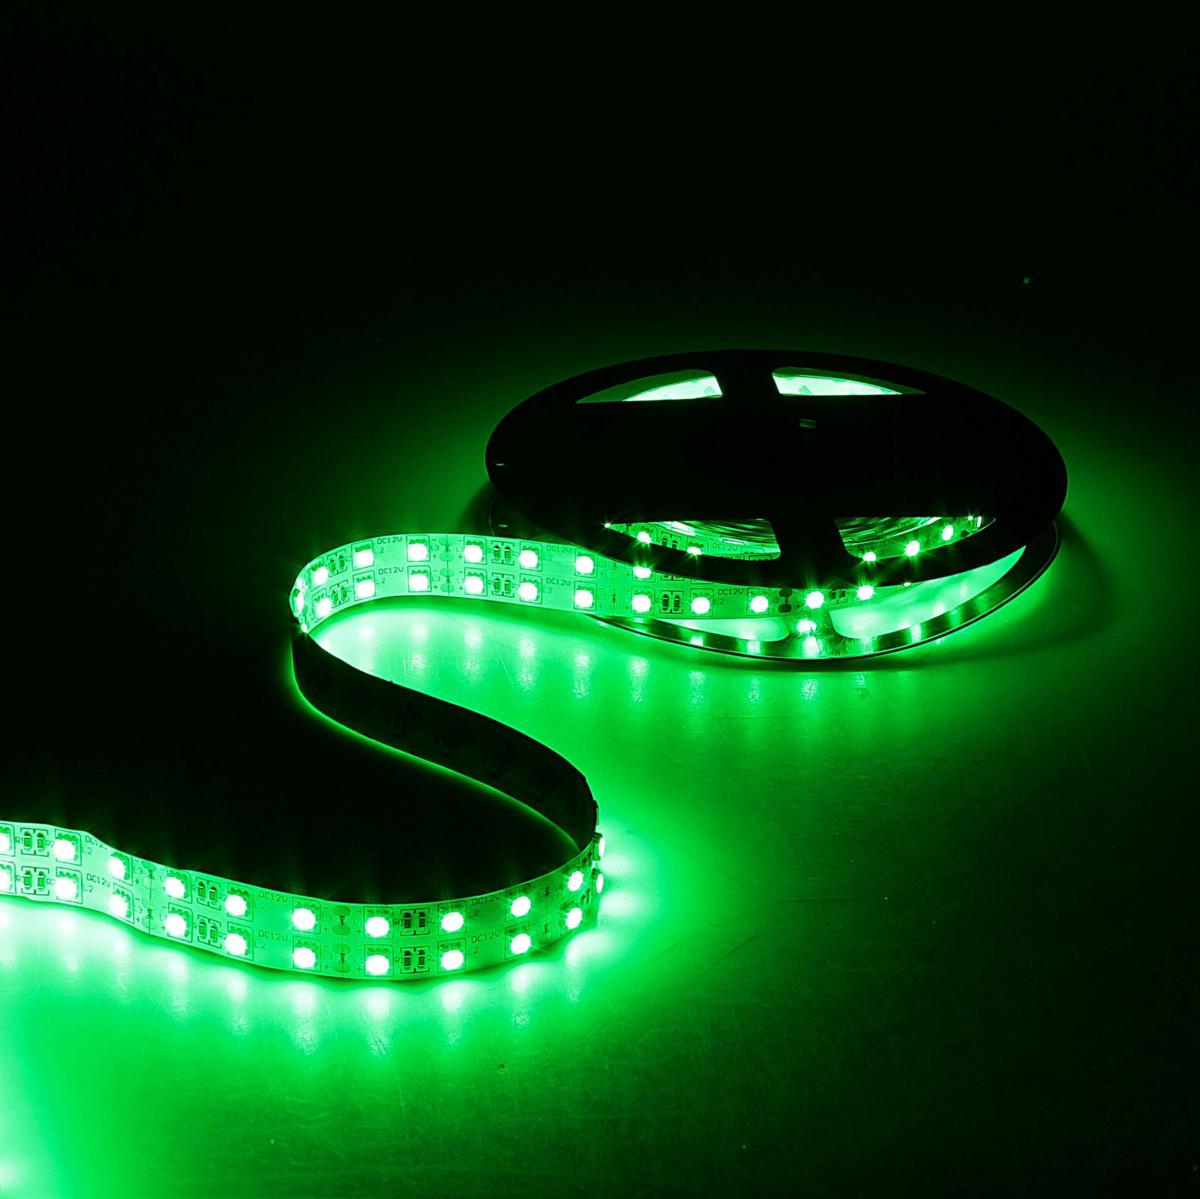 Светодиодная лента Sima-land, 12В, SMD5050, длина 5 м, IP33, 120 LED ламп, 28.8 Вт/м, 10-12 Лм/1 LED, DC, цвет: зеленый848551Светодиодные гирлянды, ленты и т.д — это отличный вариант для новогоднего оформления интерьера или фасада. С их помощью помещение любого размера можно превратить в праздничный зал, а внешние элементы зданий, украшенные ими, мгновенно станут напоминать очертания сказочного дворца. Такие украшения создают ауру предвкушения чуда. Деревья, фасады, витрины, окна и арки будто специально созданы, чтобы вы украсили их светящимися нитями.